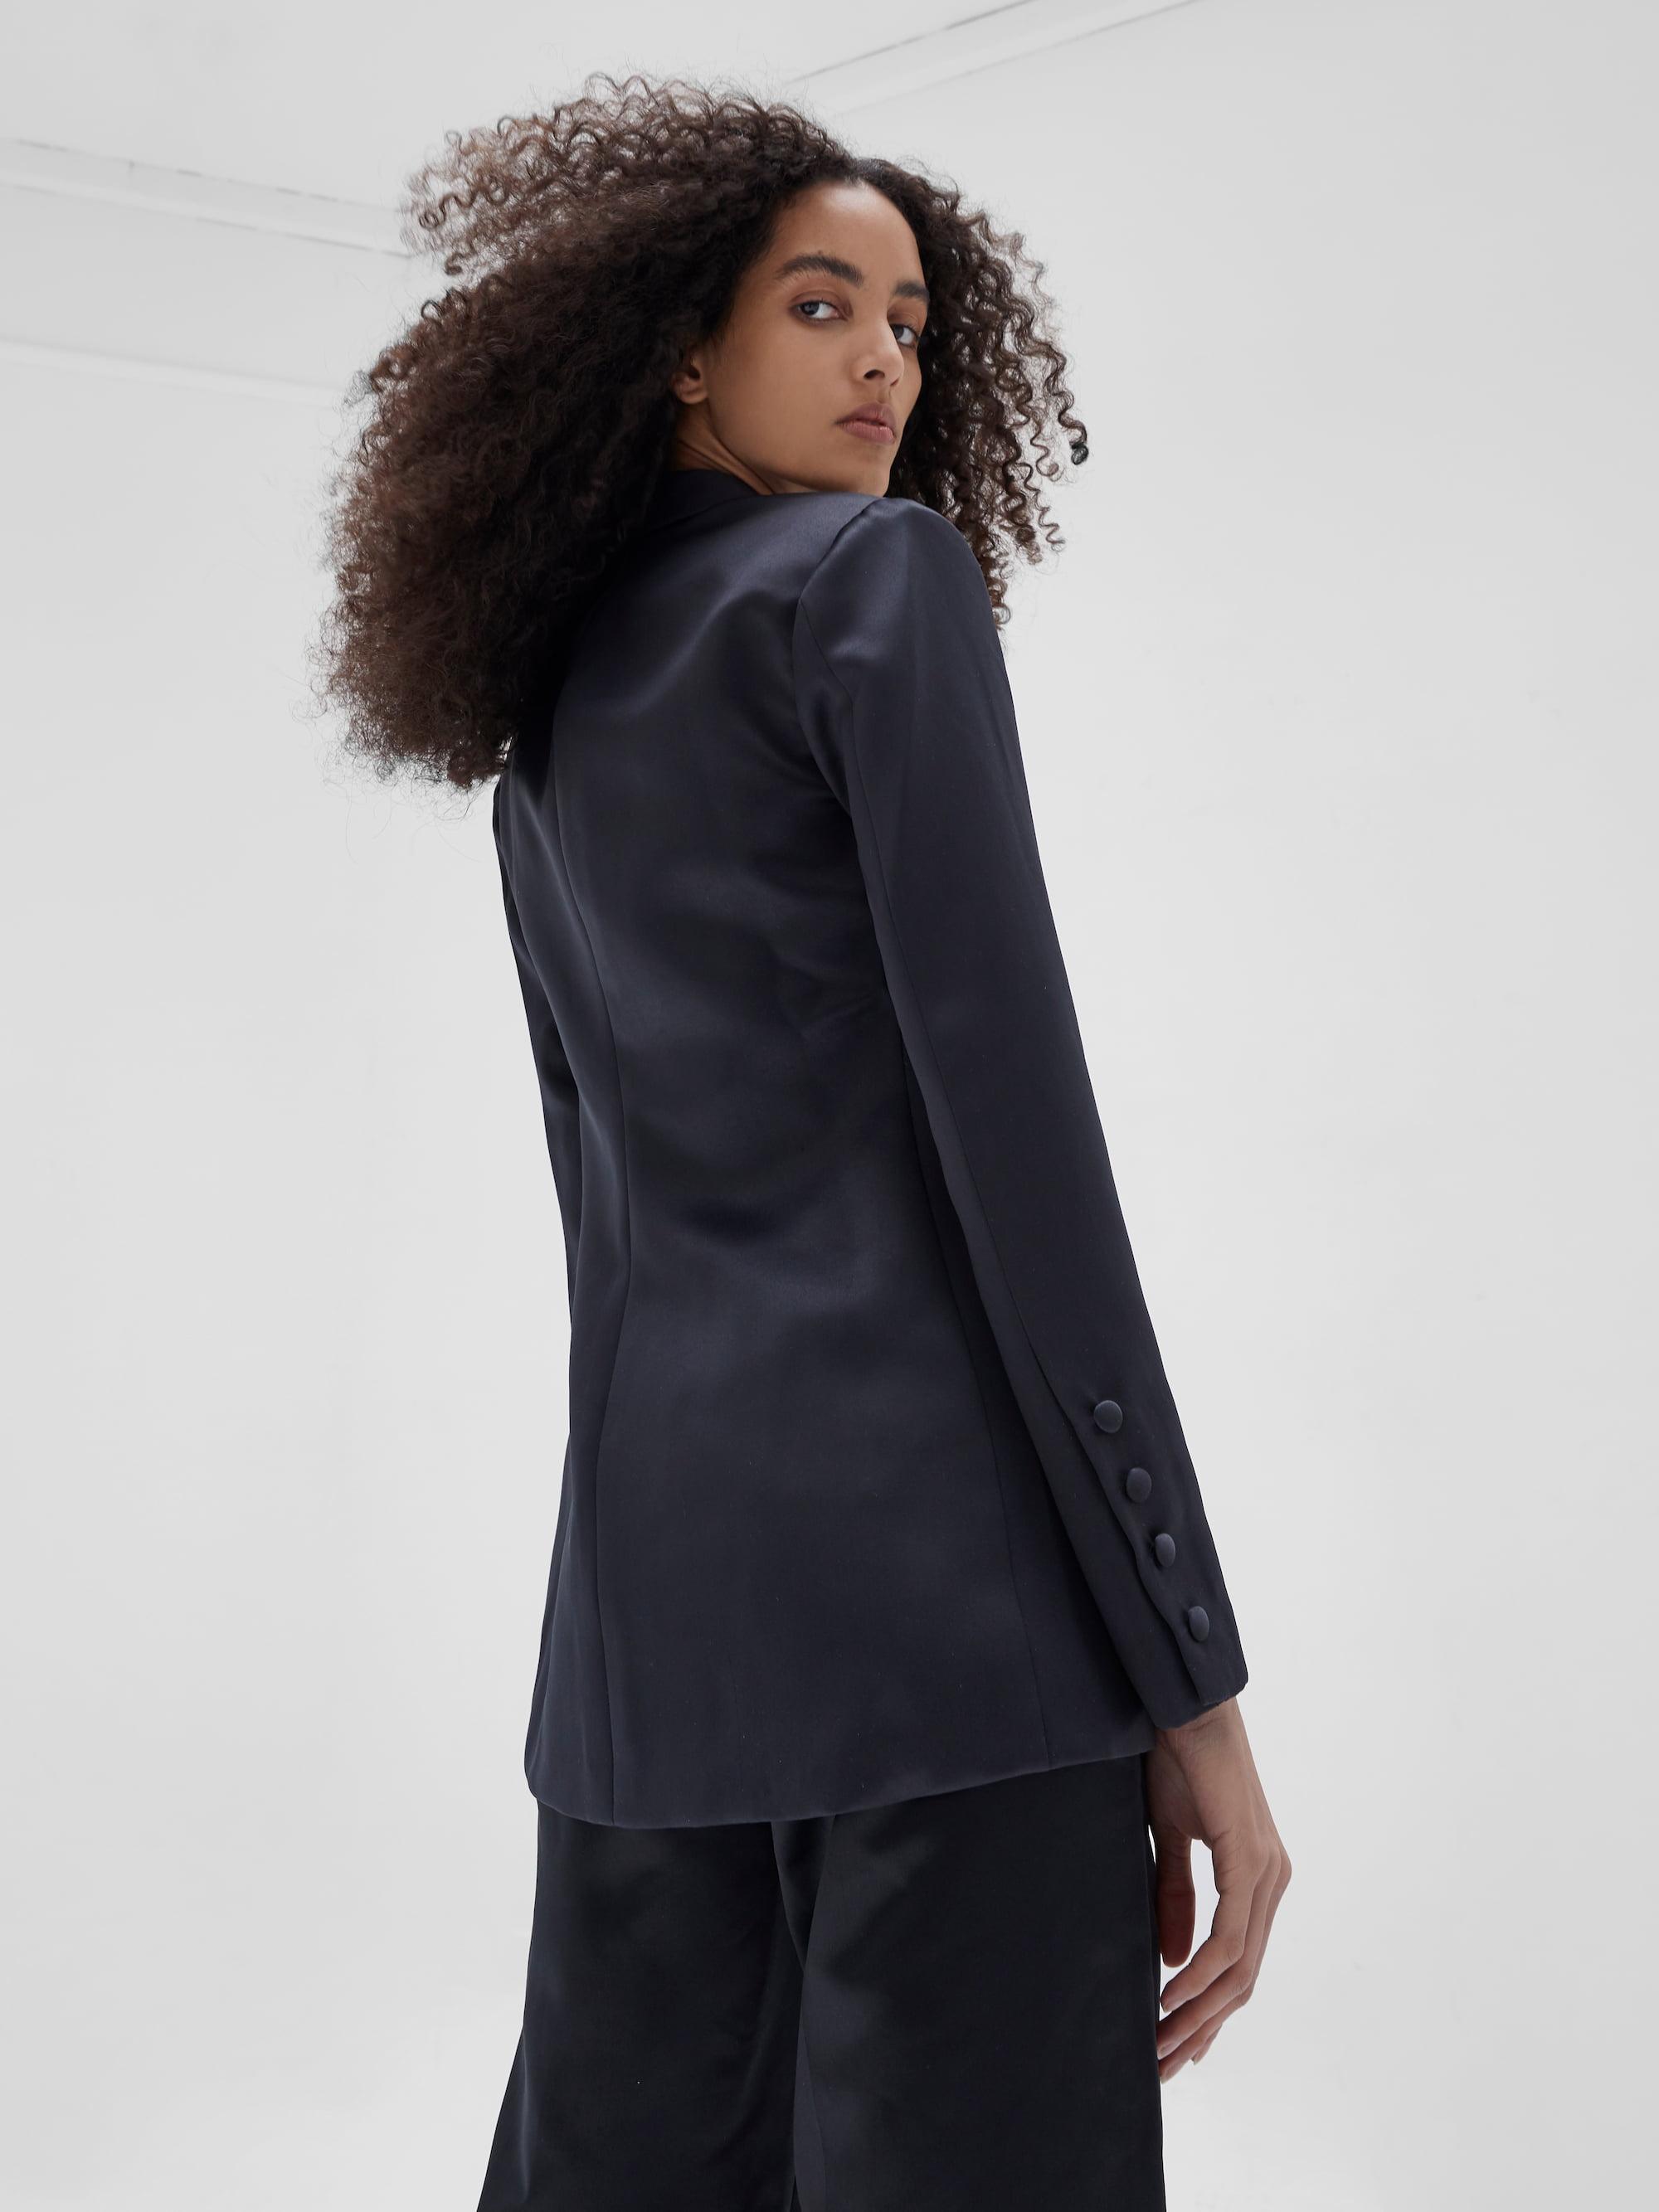 View 4 of model wearing Kamala Blazer in black.